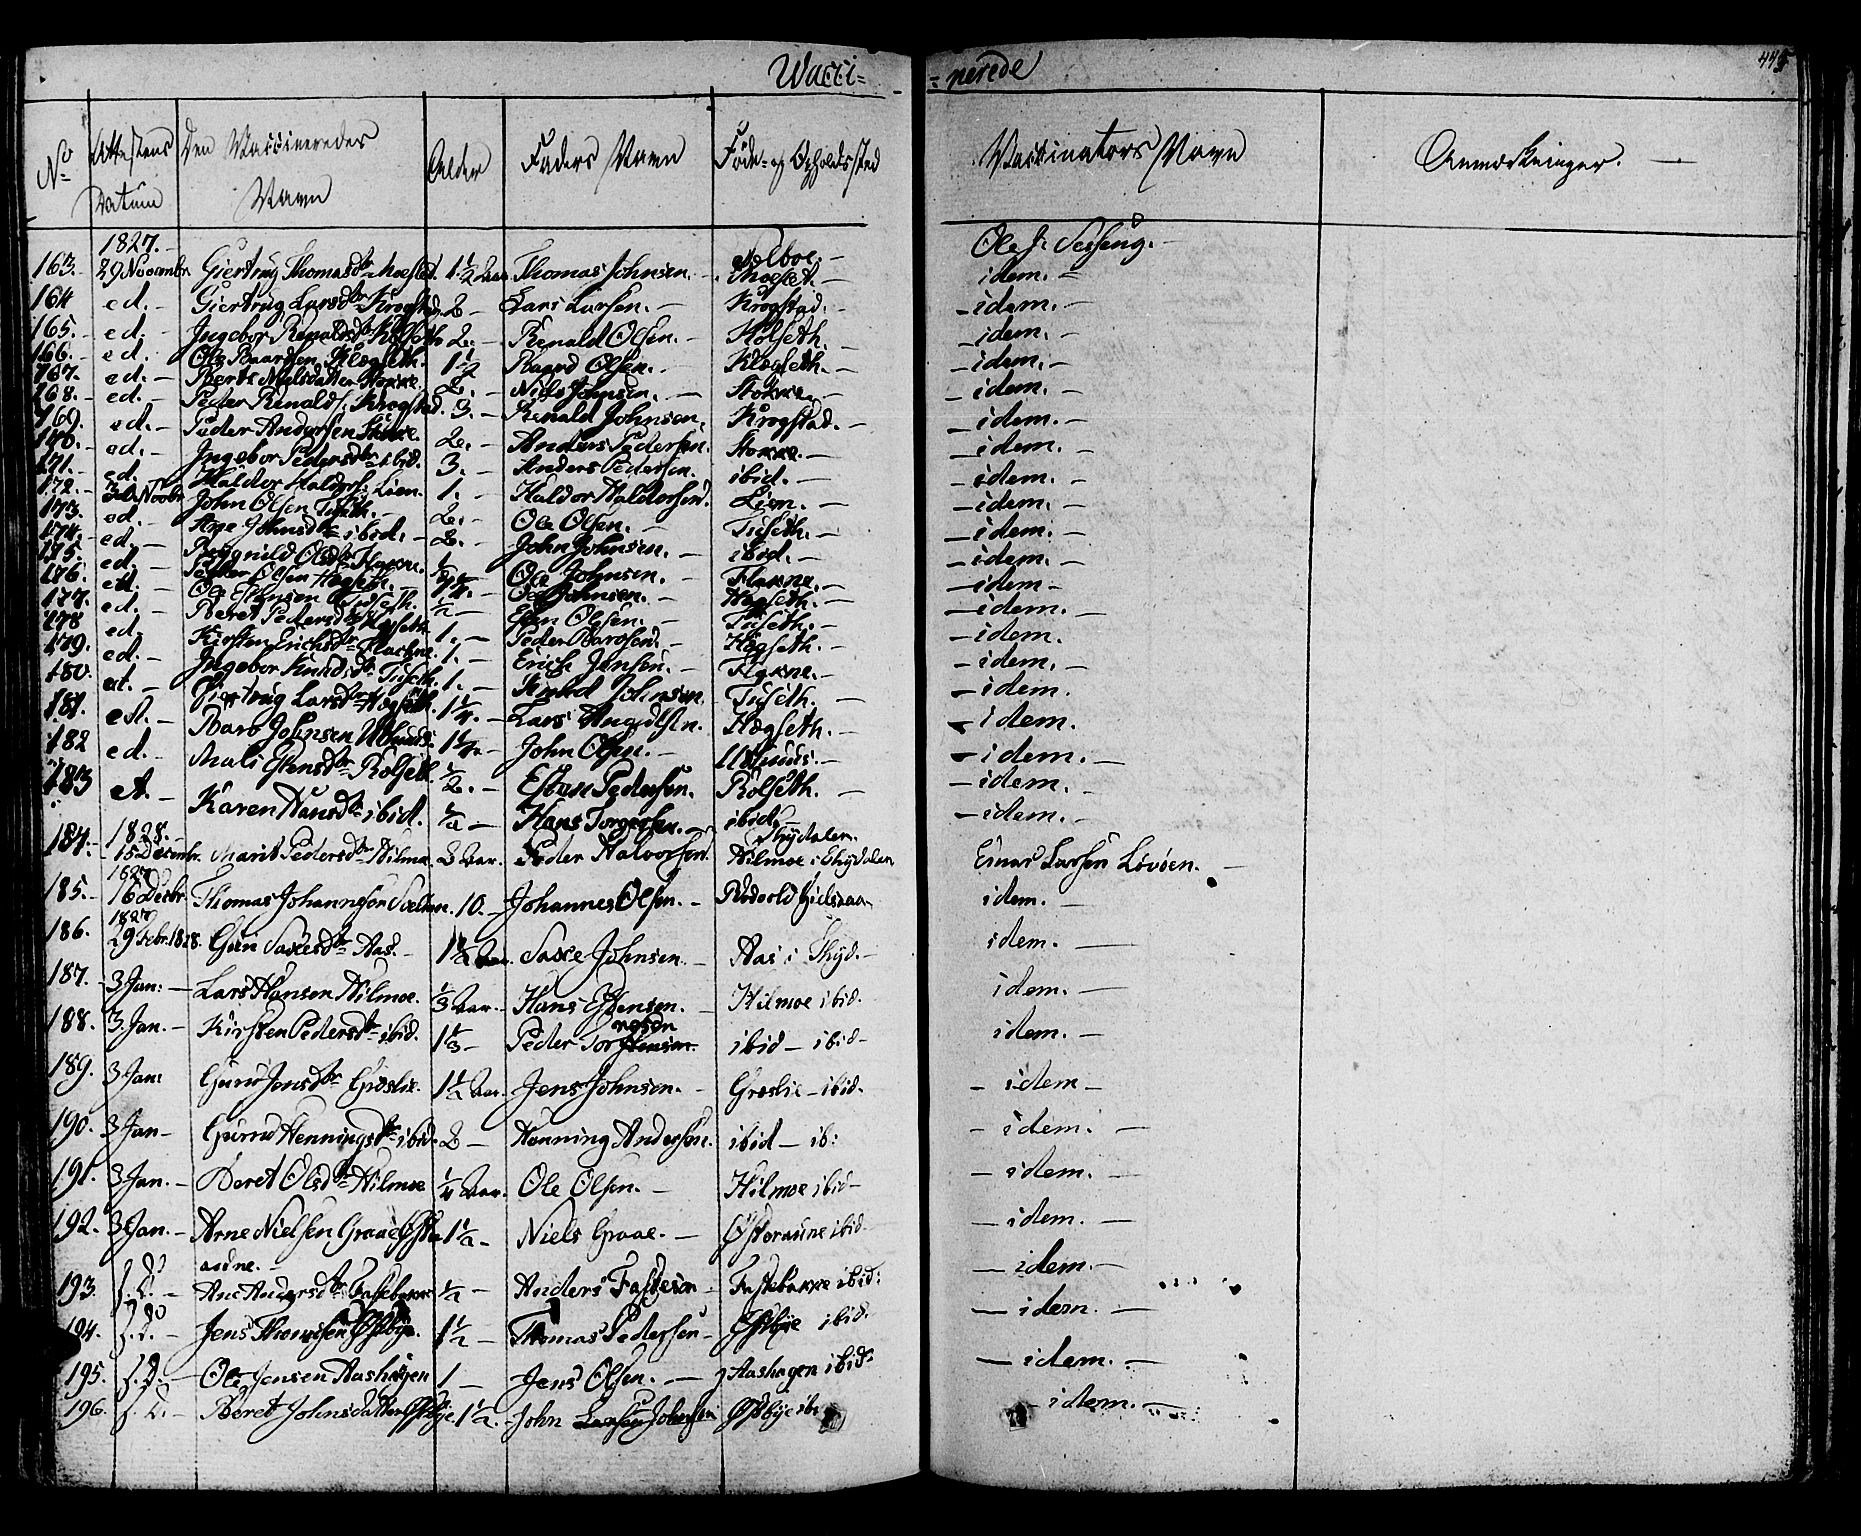 SAT, Ministerialprotokoller, klokkerbøker og fødselsregistre - Sør-Trøndelag, 695/L1143: Ministerialbok nr. 695A05 /1, 1824-1842, s. 445